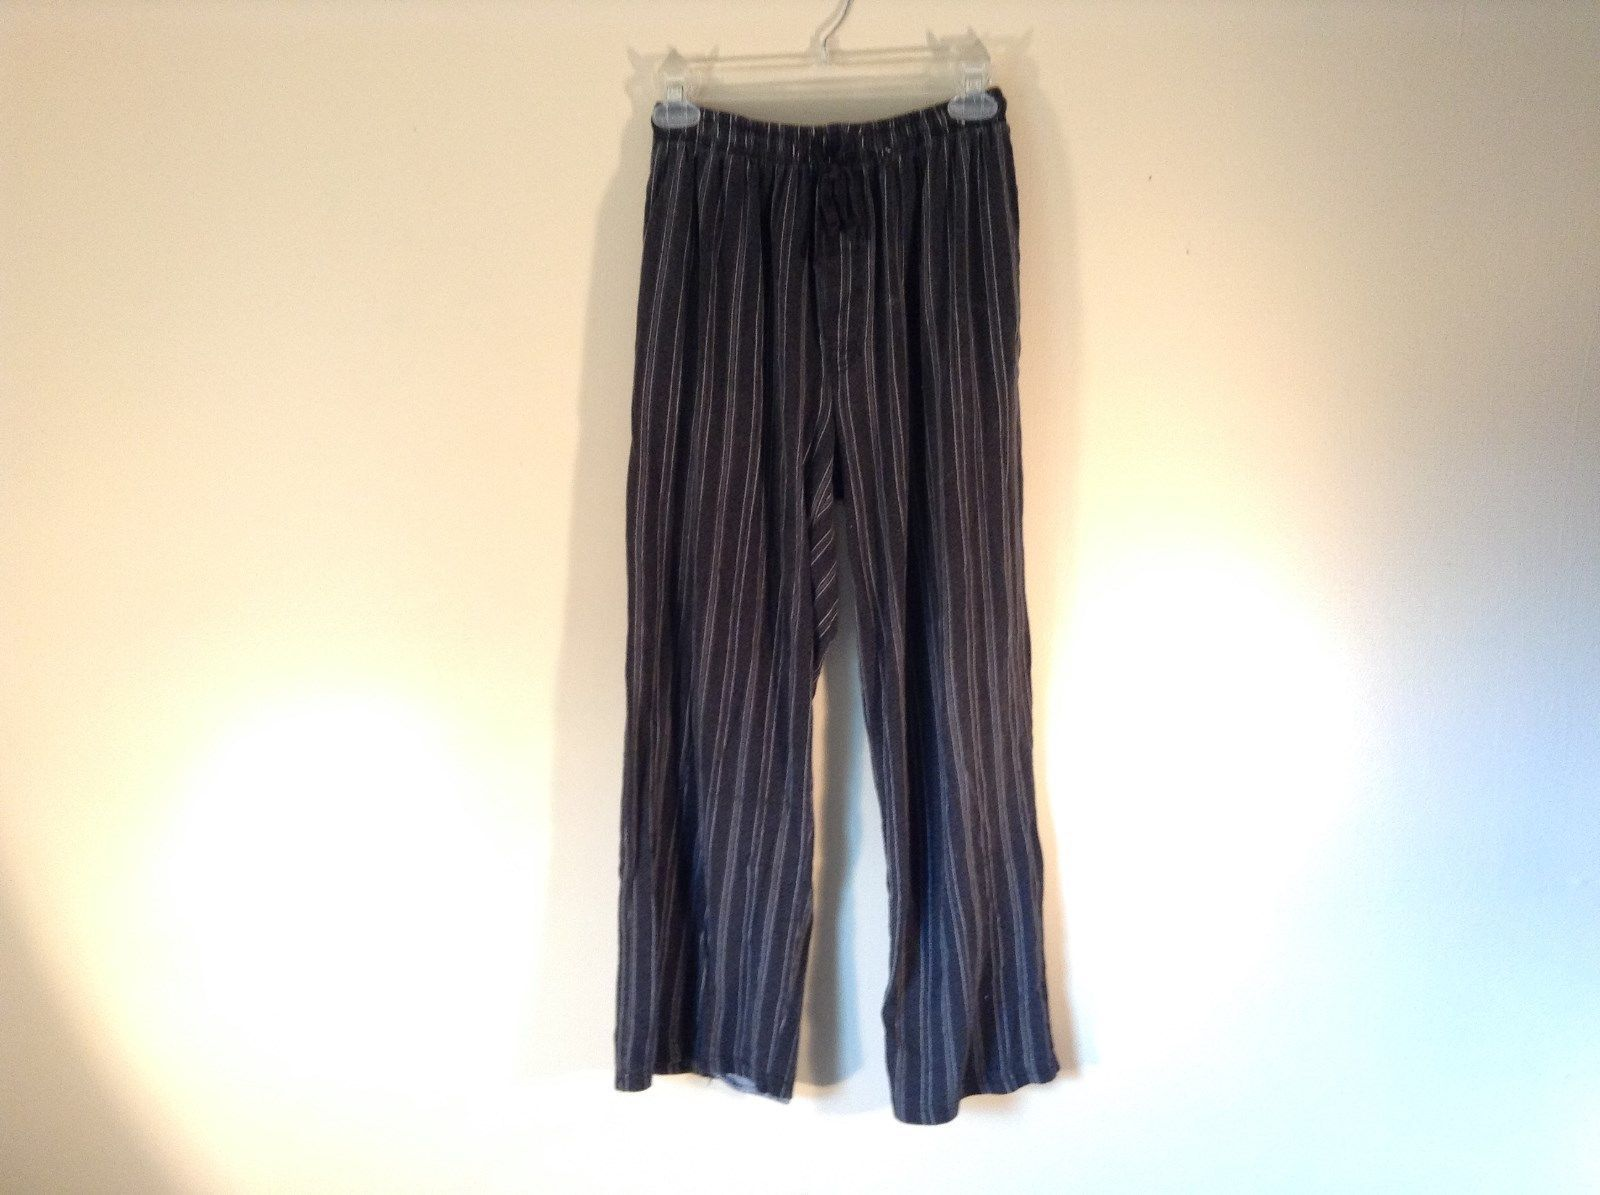 Stafford Essentials Sleepwear Classic Fit Charcoal Pinstripe Pajama Pants Size M